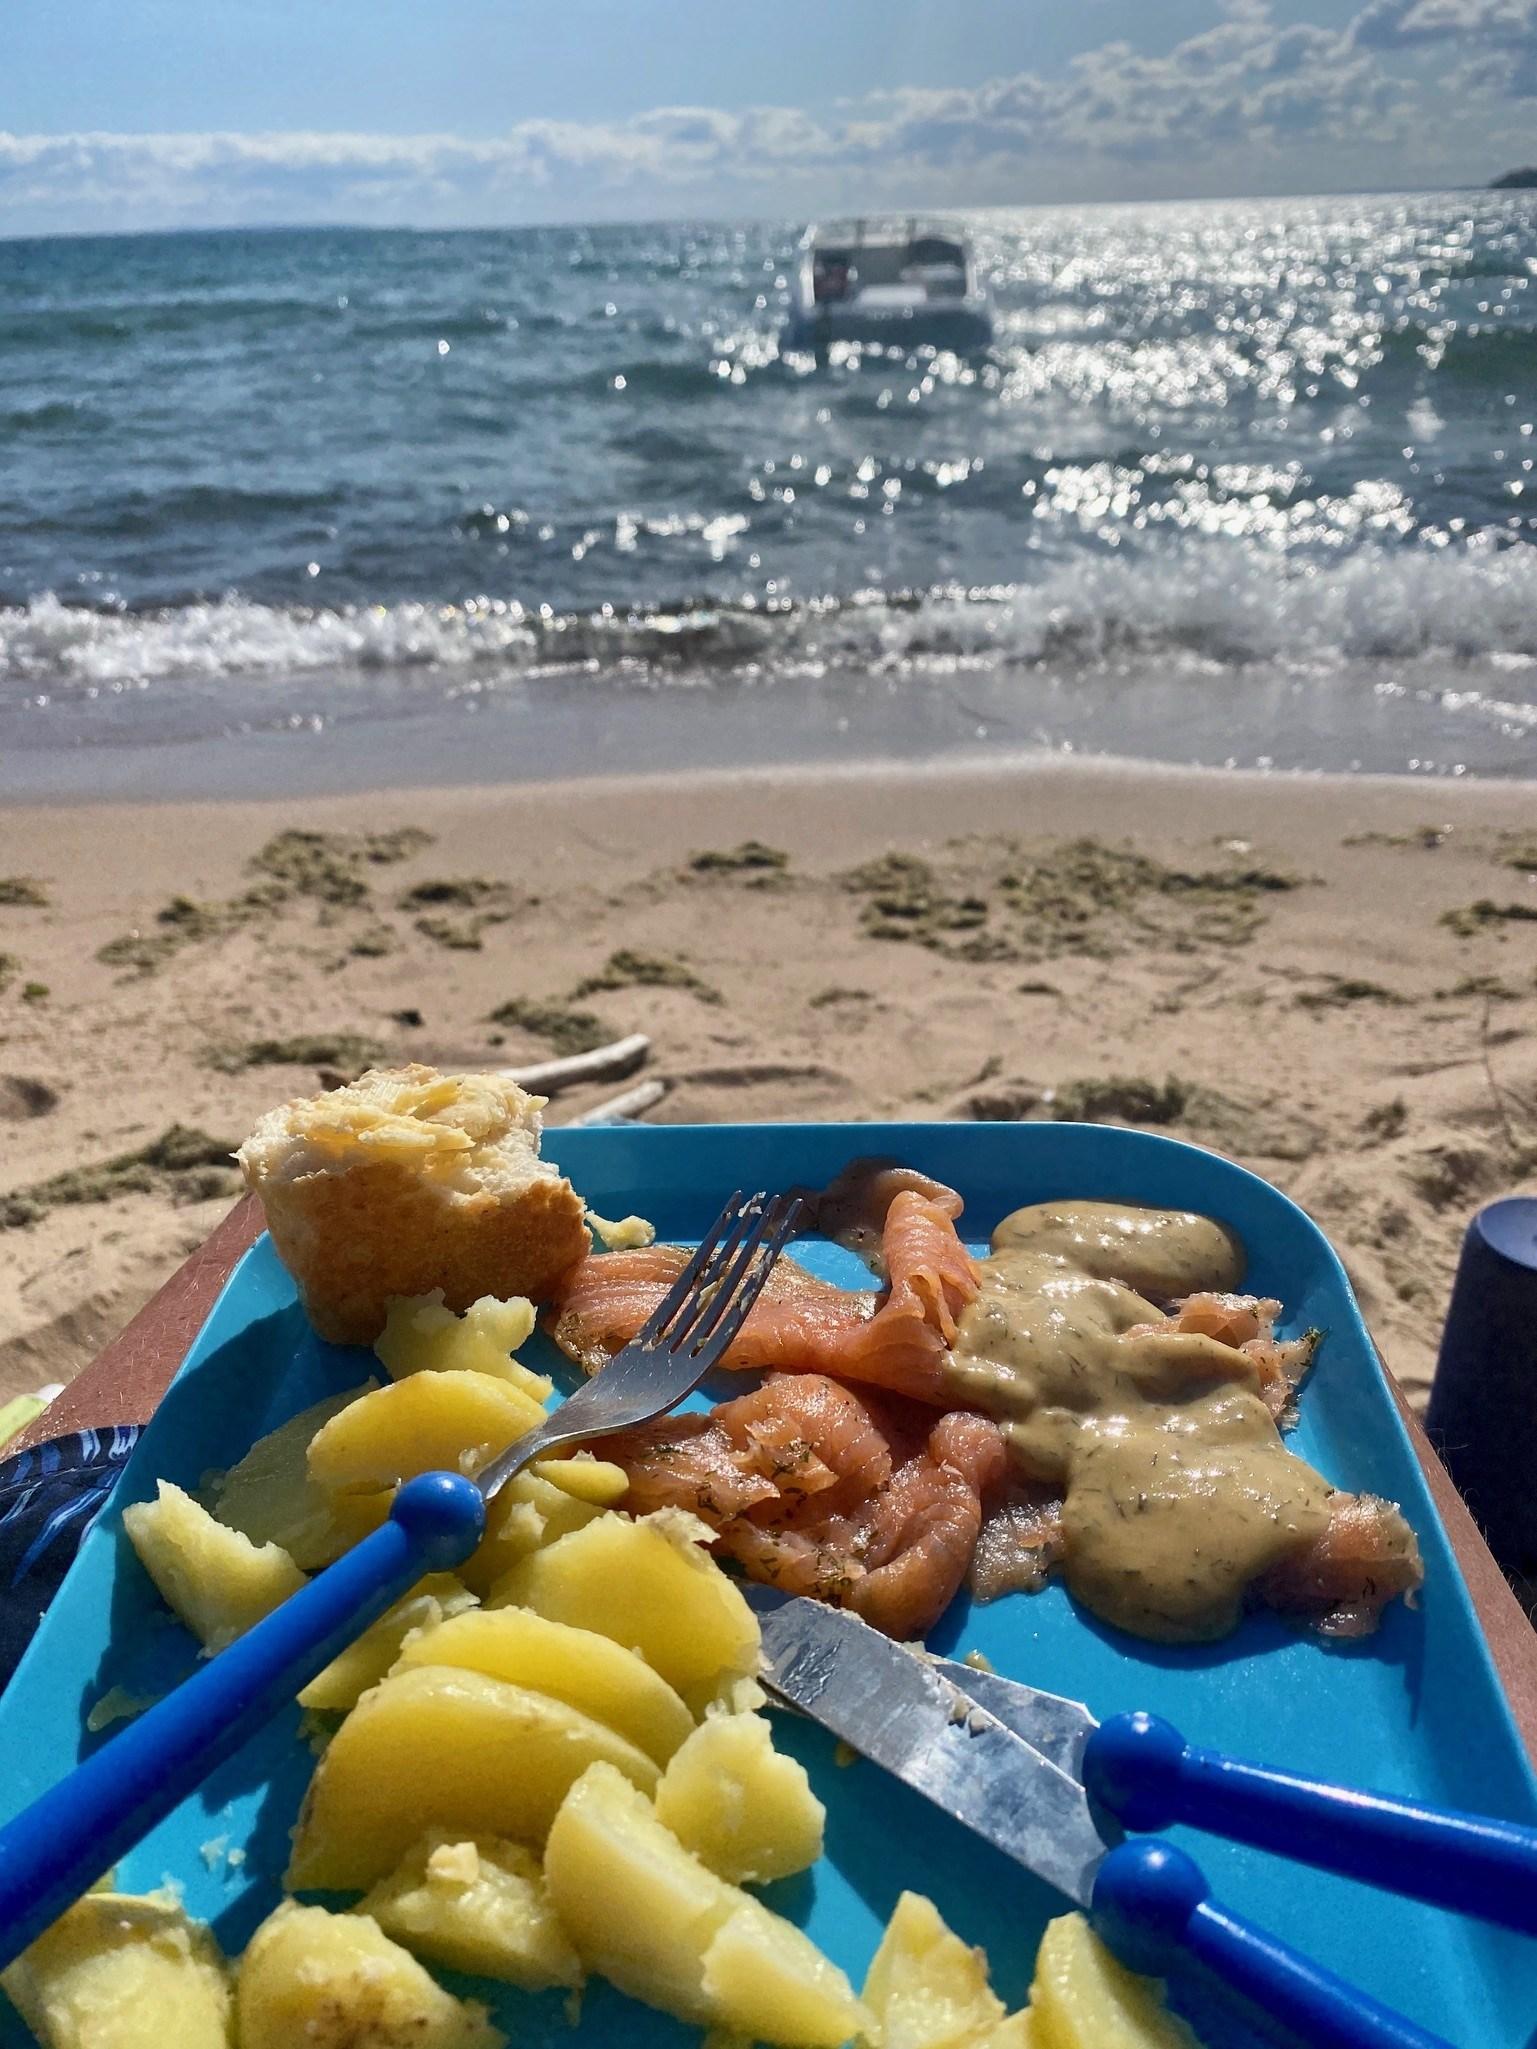 En blå tallrik med potatis och fisk. I bakgrunden syns en sandstrand och en båt som guppar i vattnet.